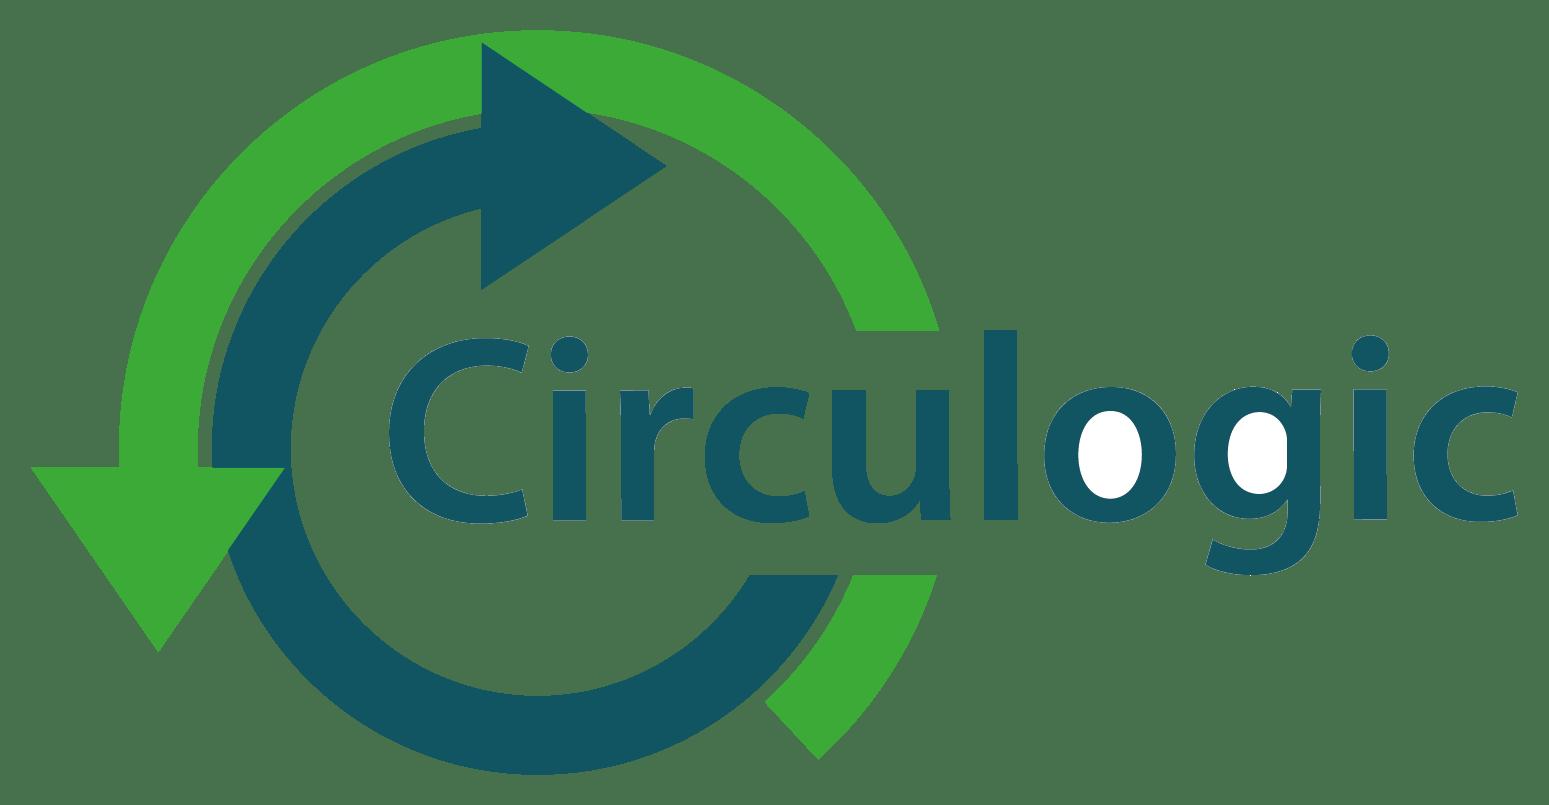 logocirculogic